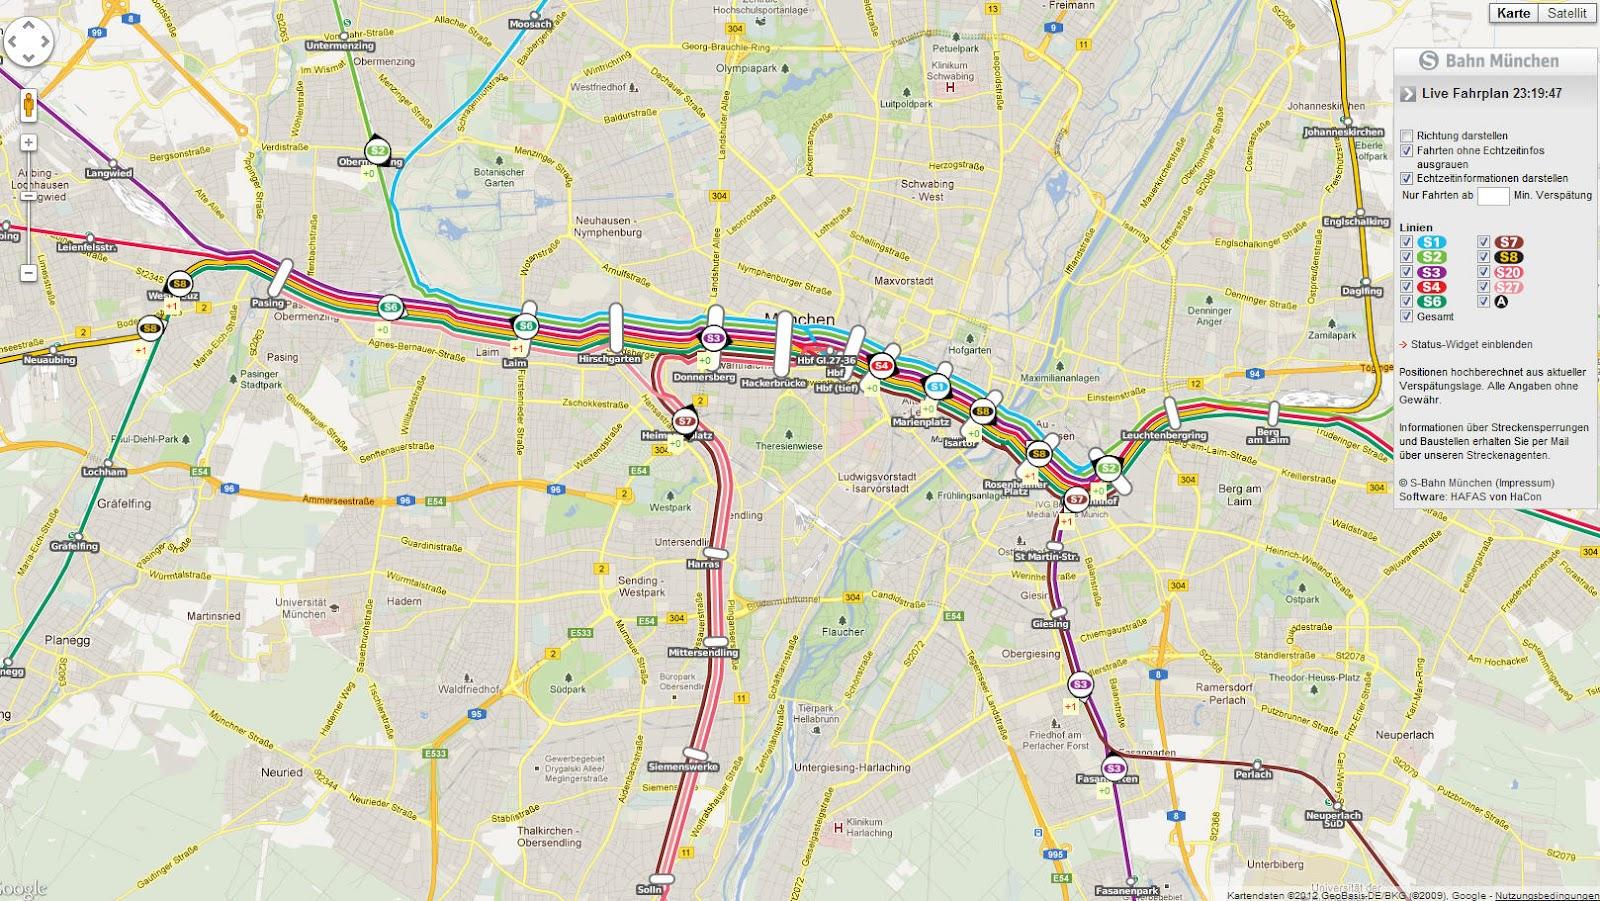 Karte München S Bahn Netz.S Bahn München Live Fahrplan Landkarten Live